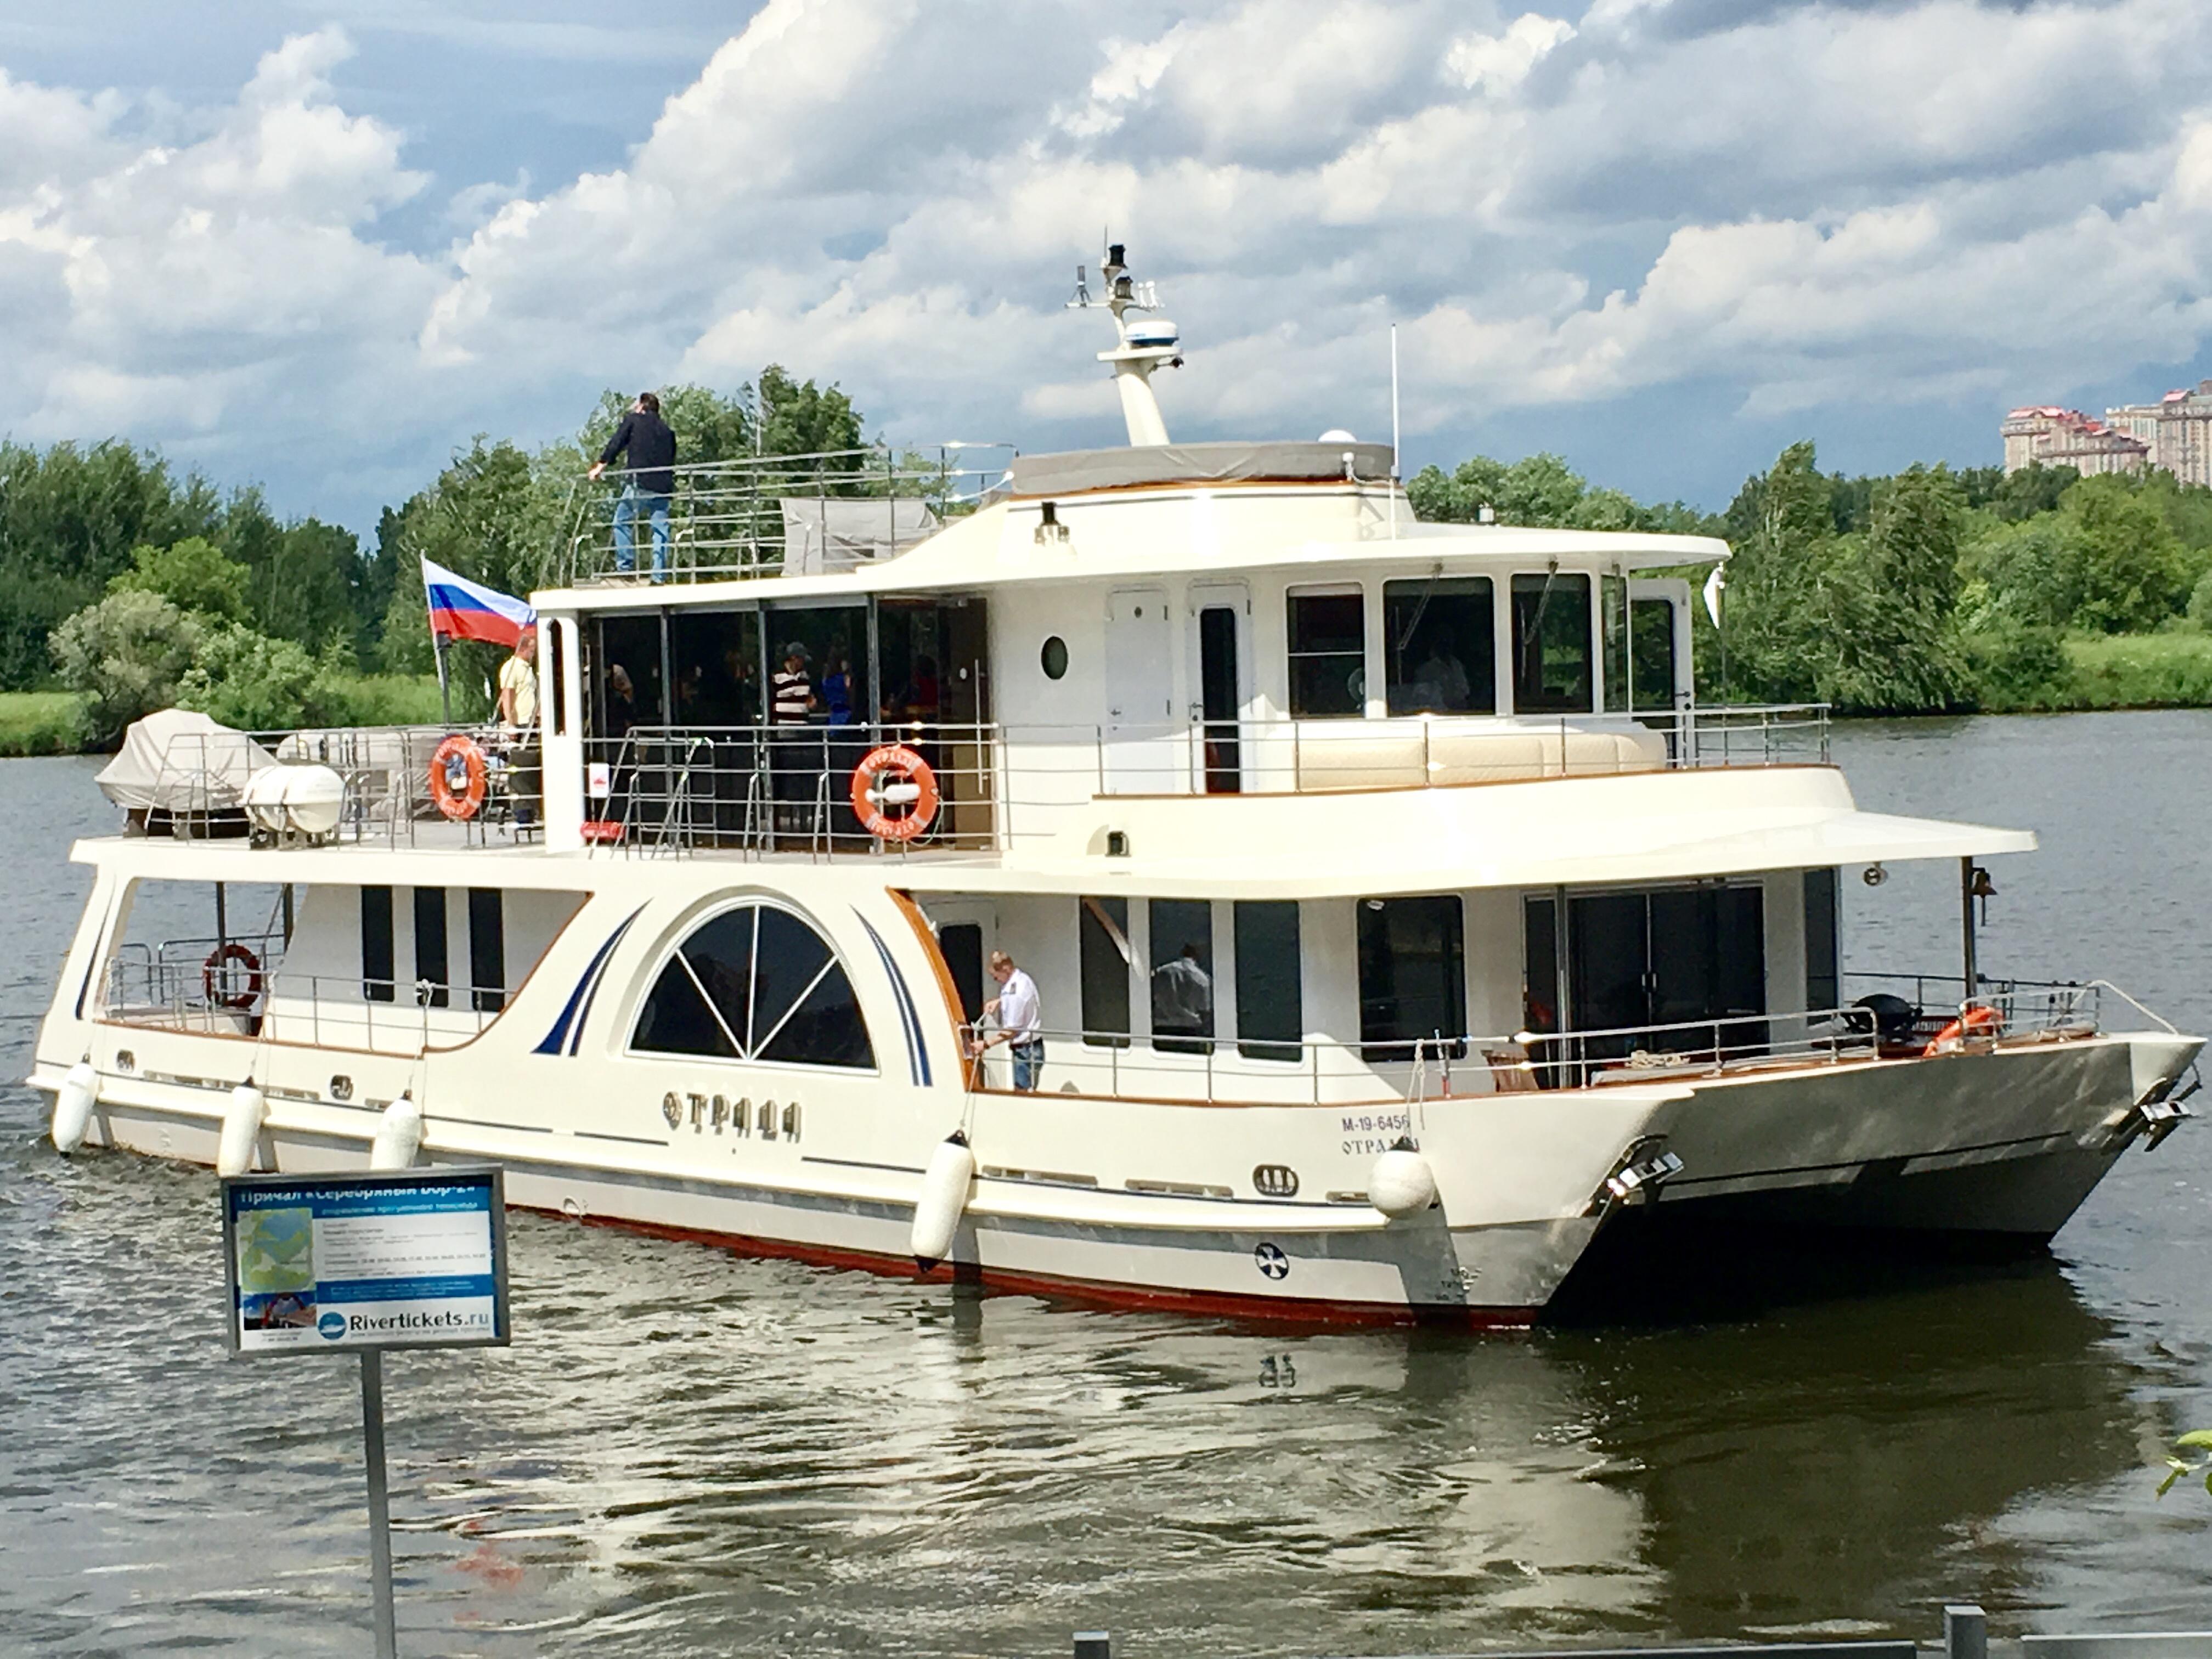 Блог им. fokinpr: Организуйте бизнес-встречу на яхте и тогда деловые переговоры точно окажутся успешными